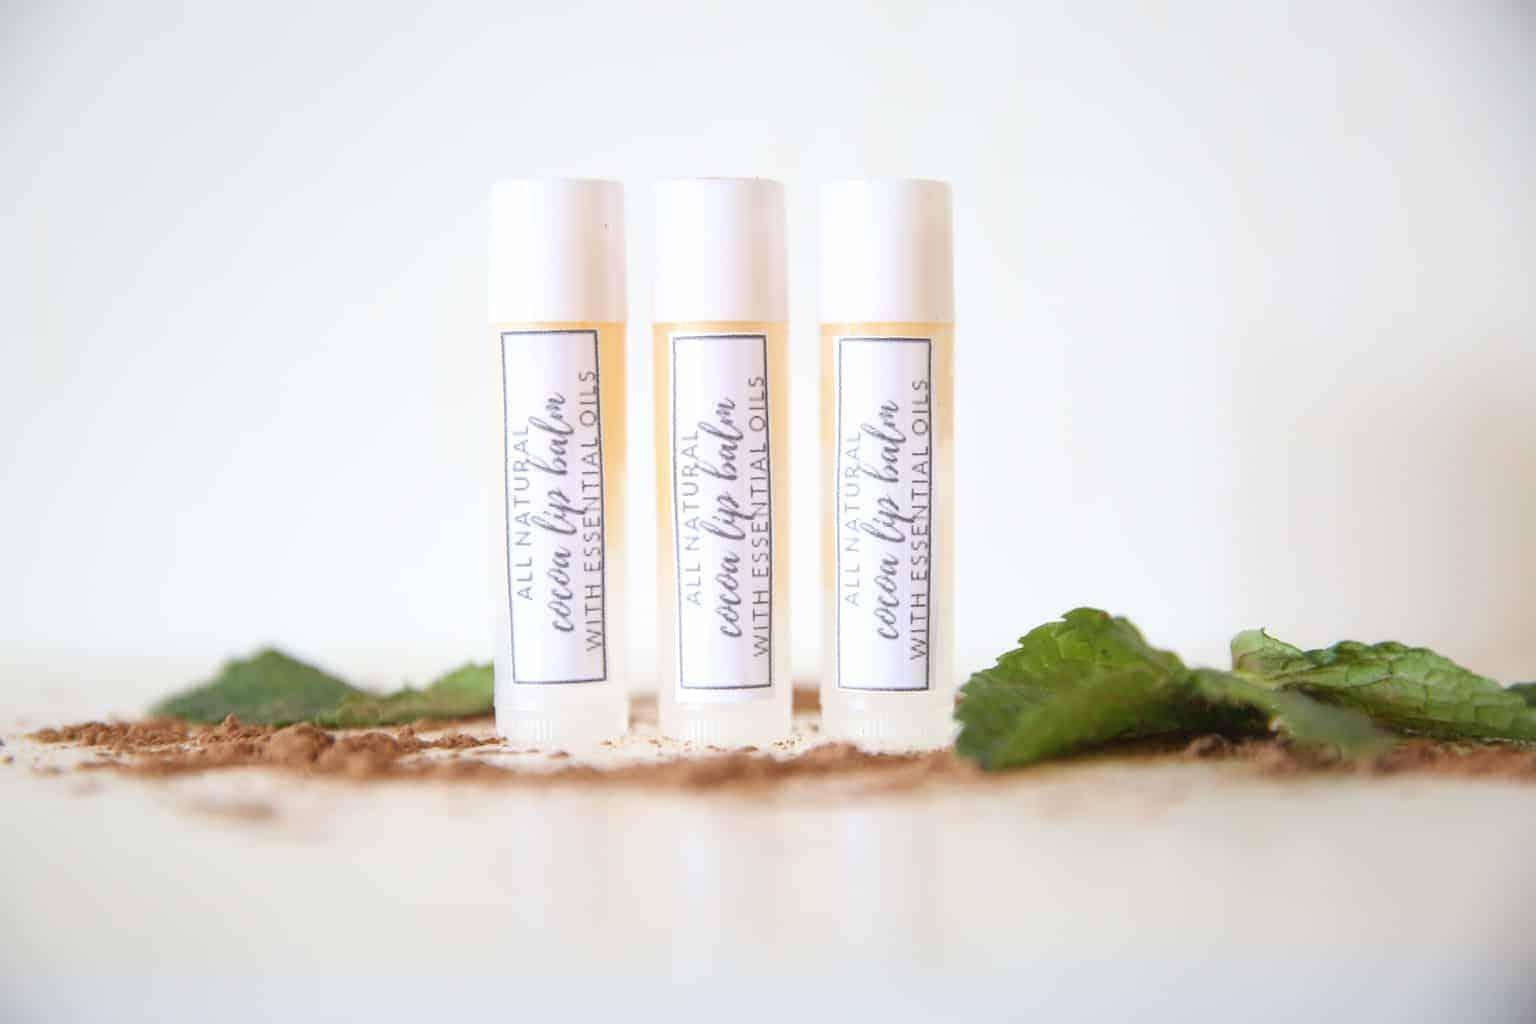 DIY lip balm with essential oils.